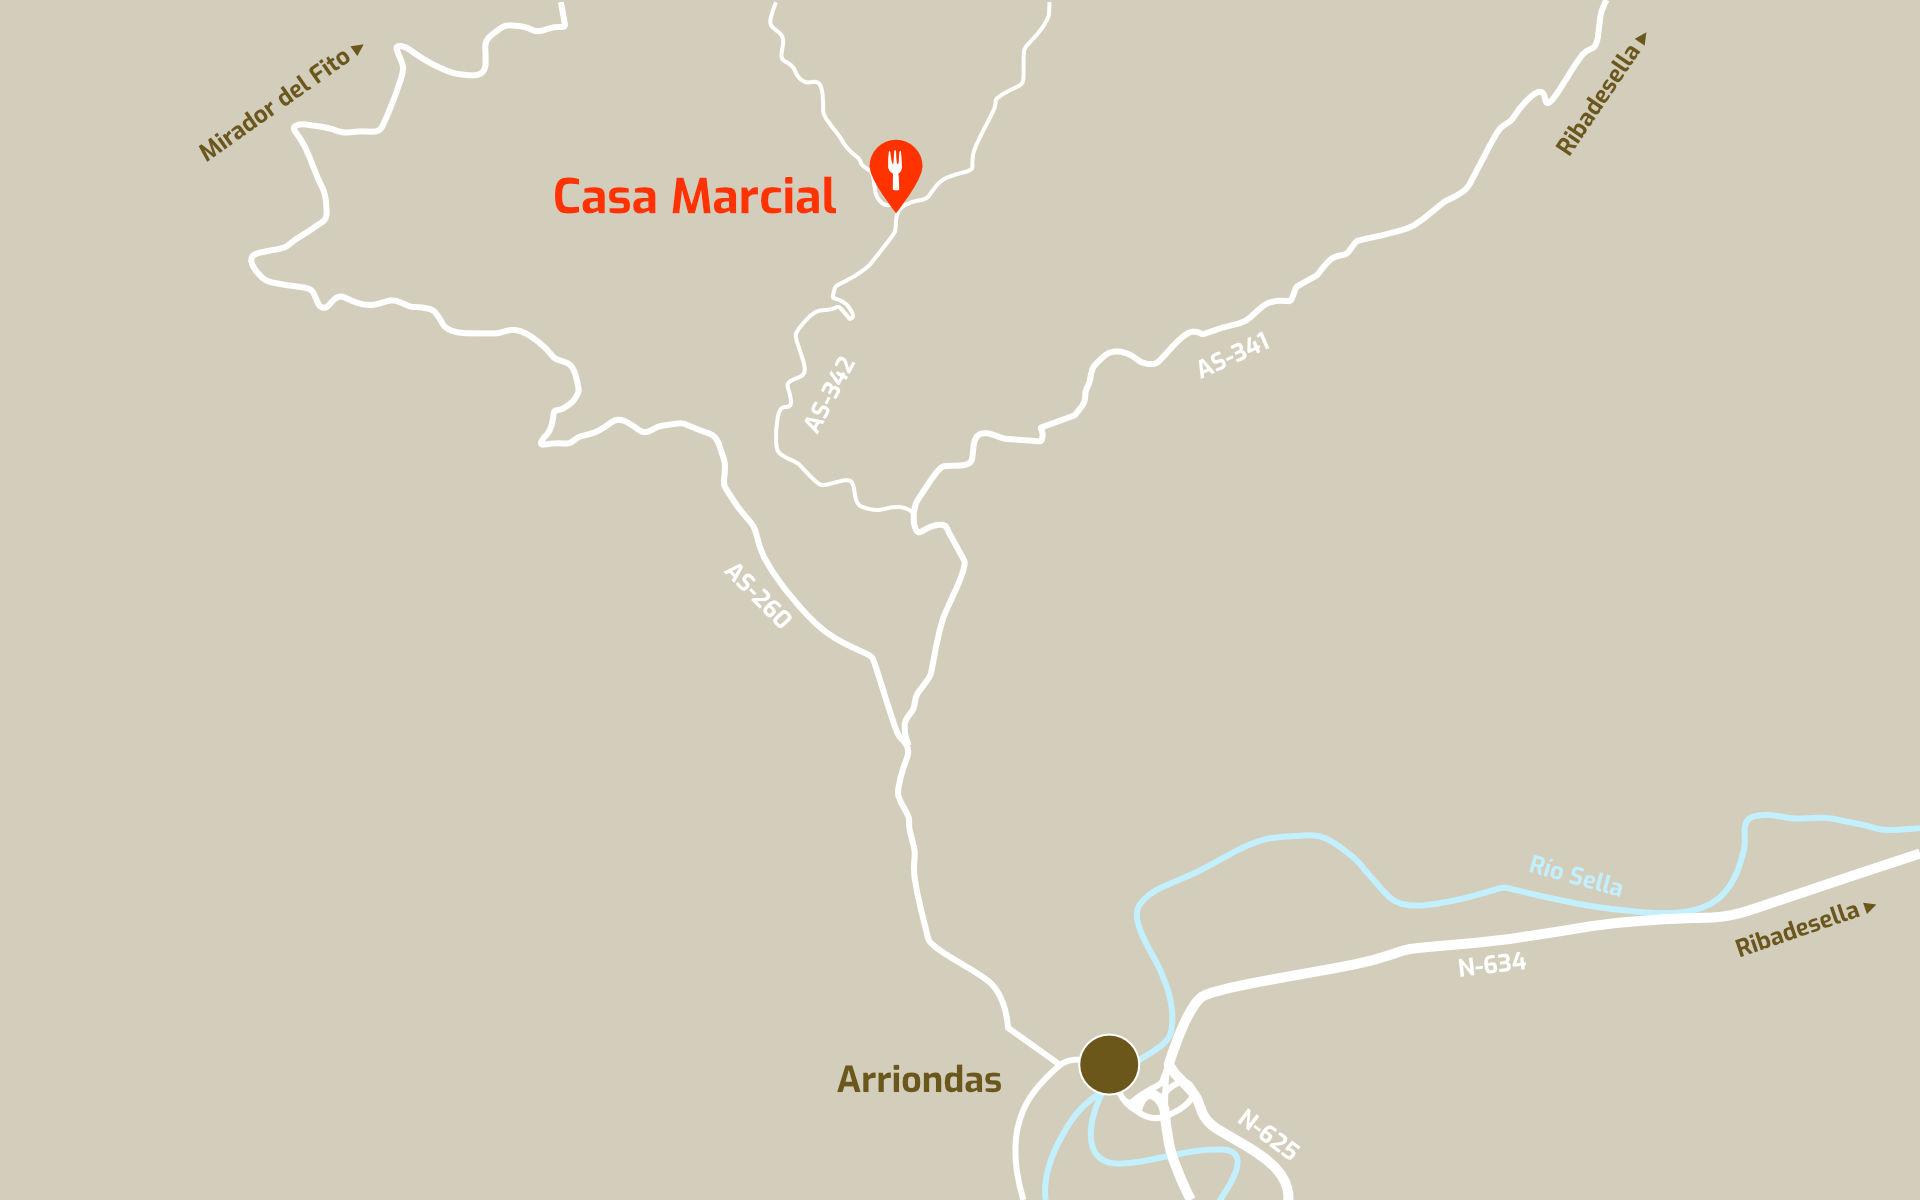 Mapa de cómo llegar al restaurante Casa Marcial en Arriondas, Parres, Asturias